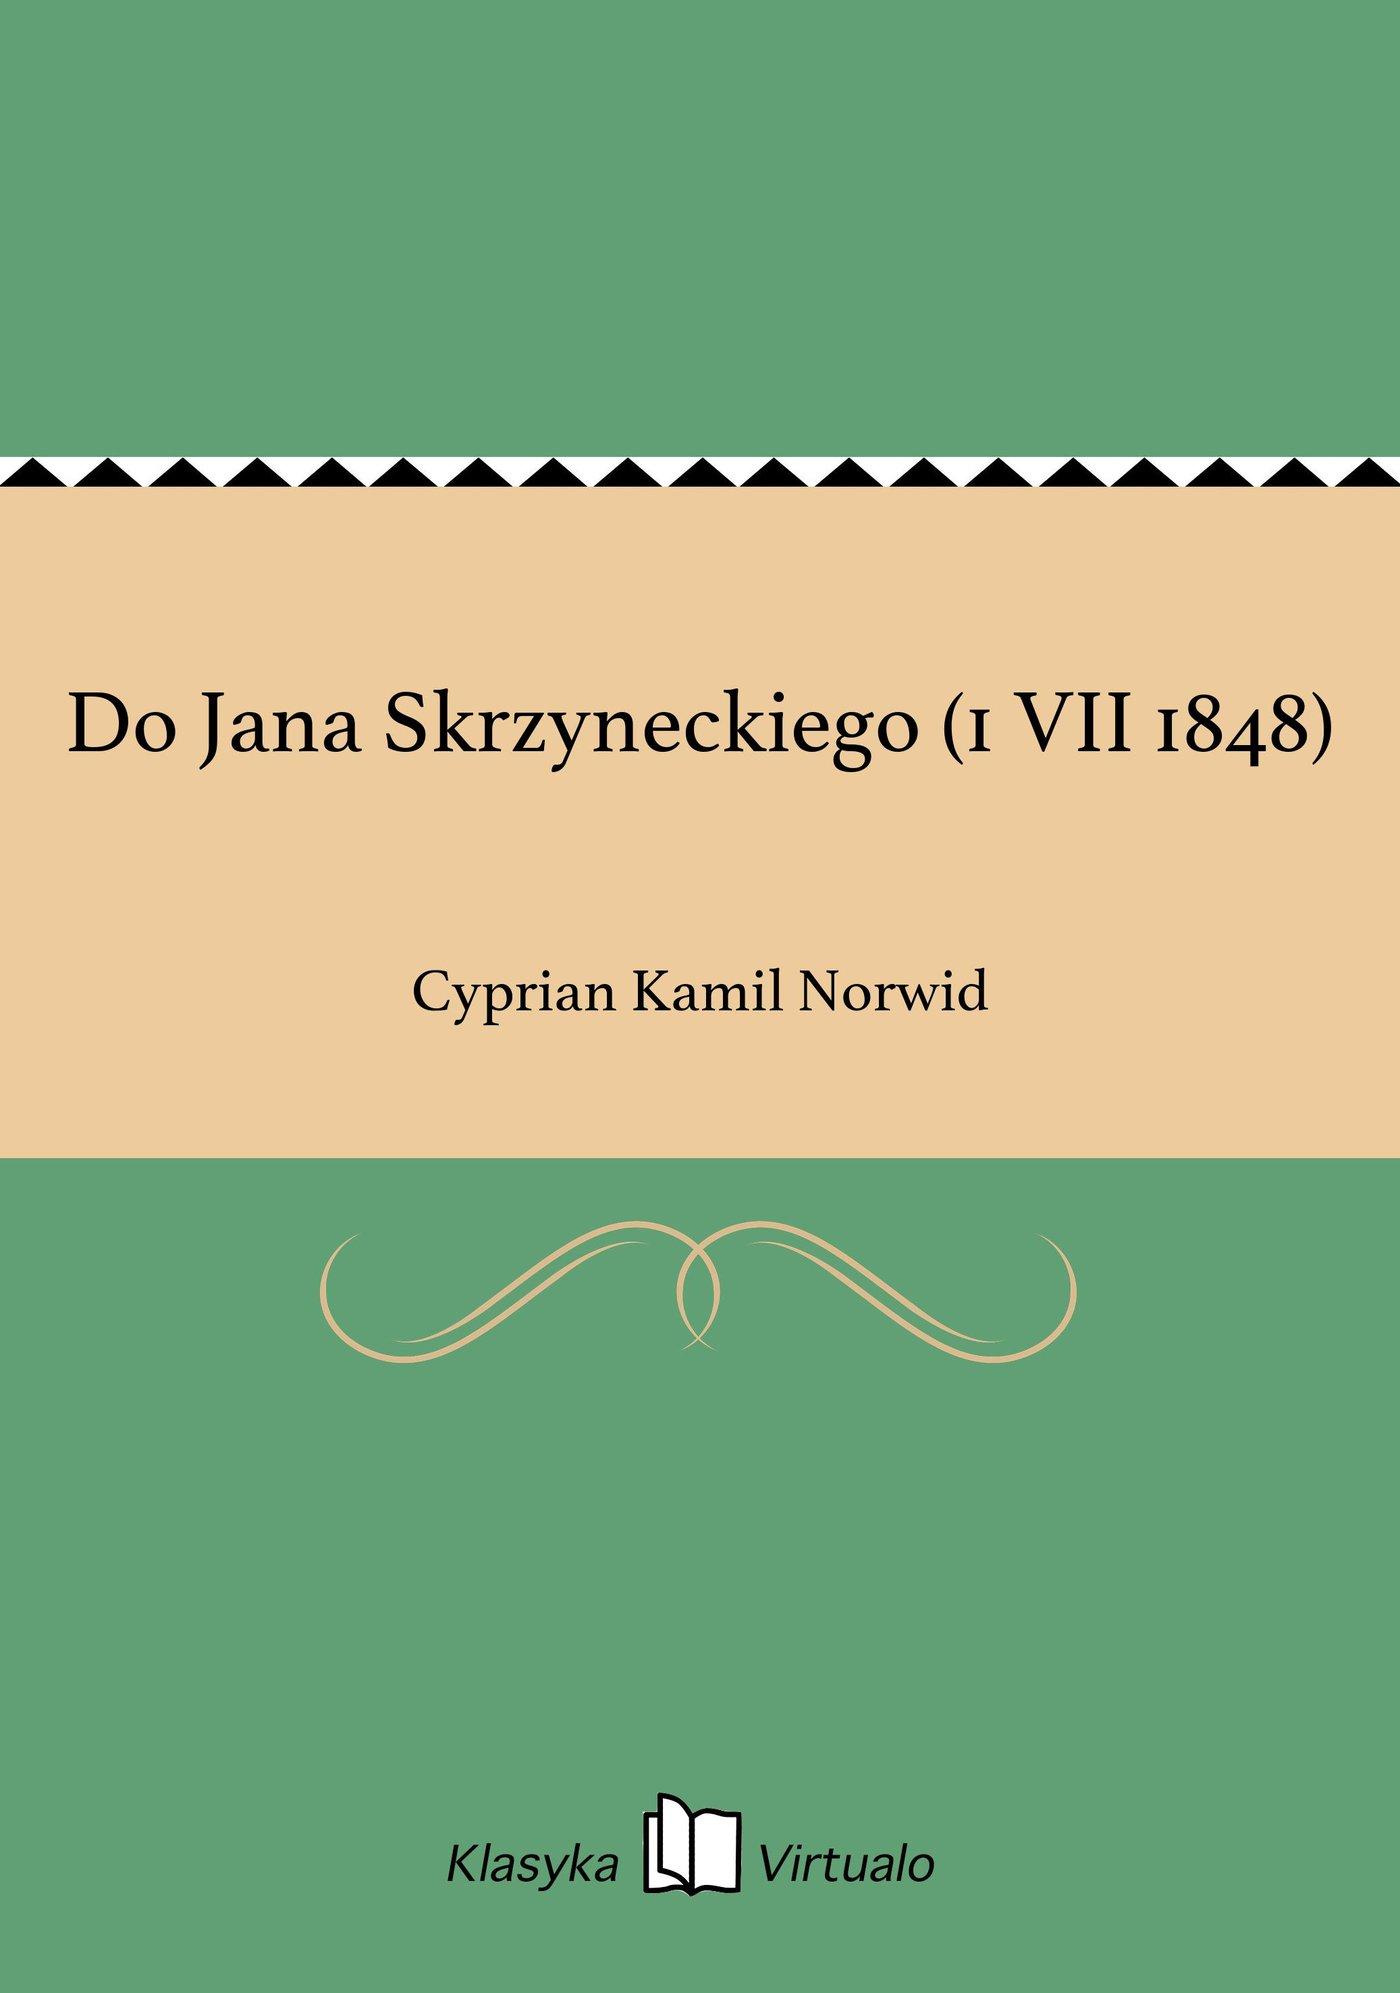 Do Jana Skrzyneckiego (1 VII 1848) - Ebook (Książka EPUB) do pobrania w formacie EPUB